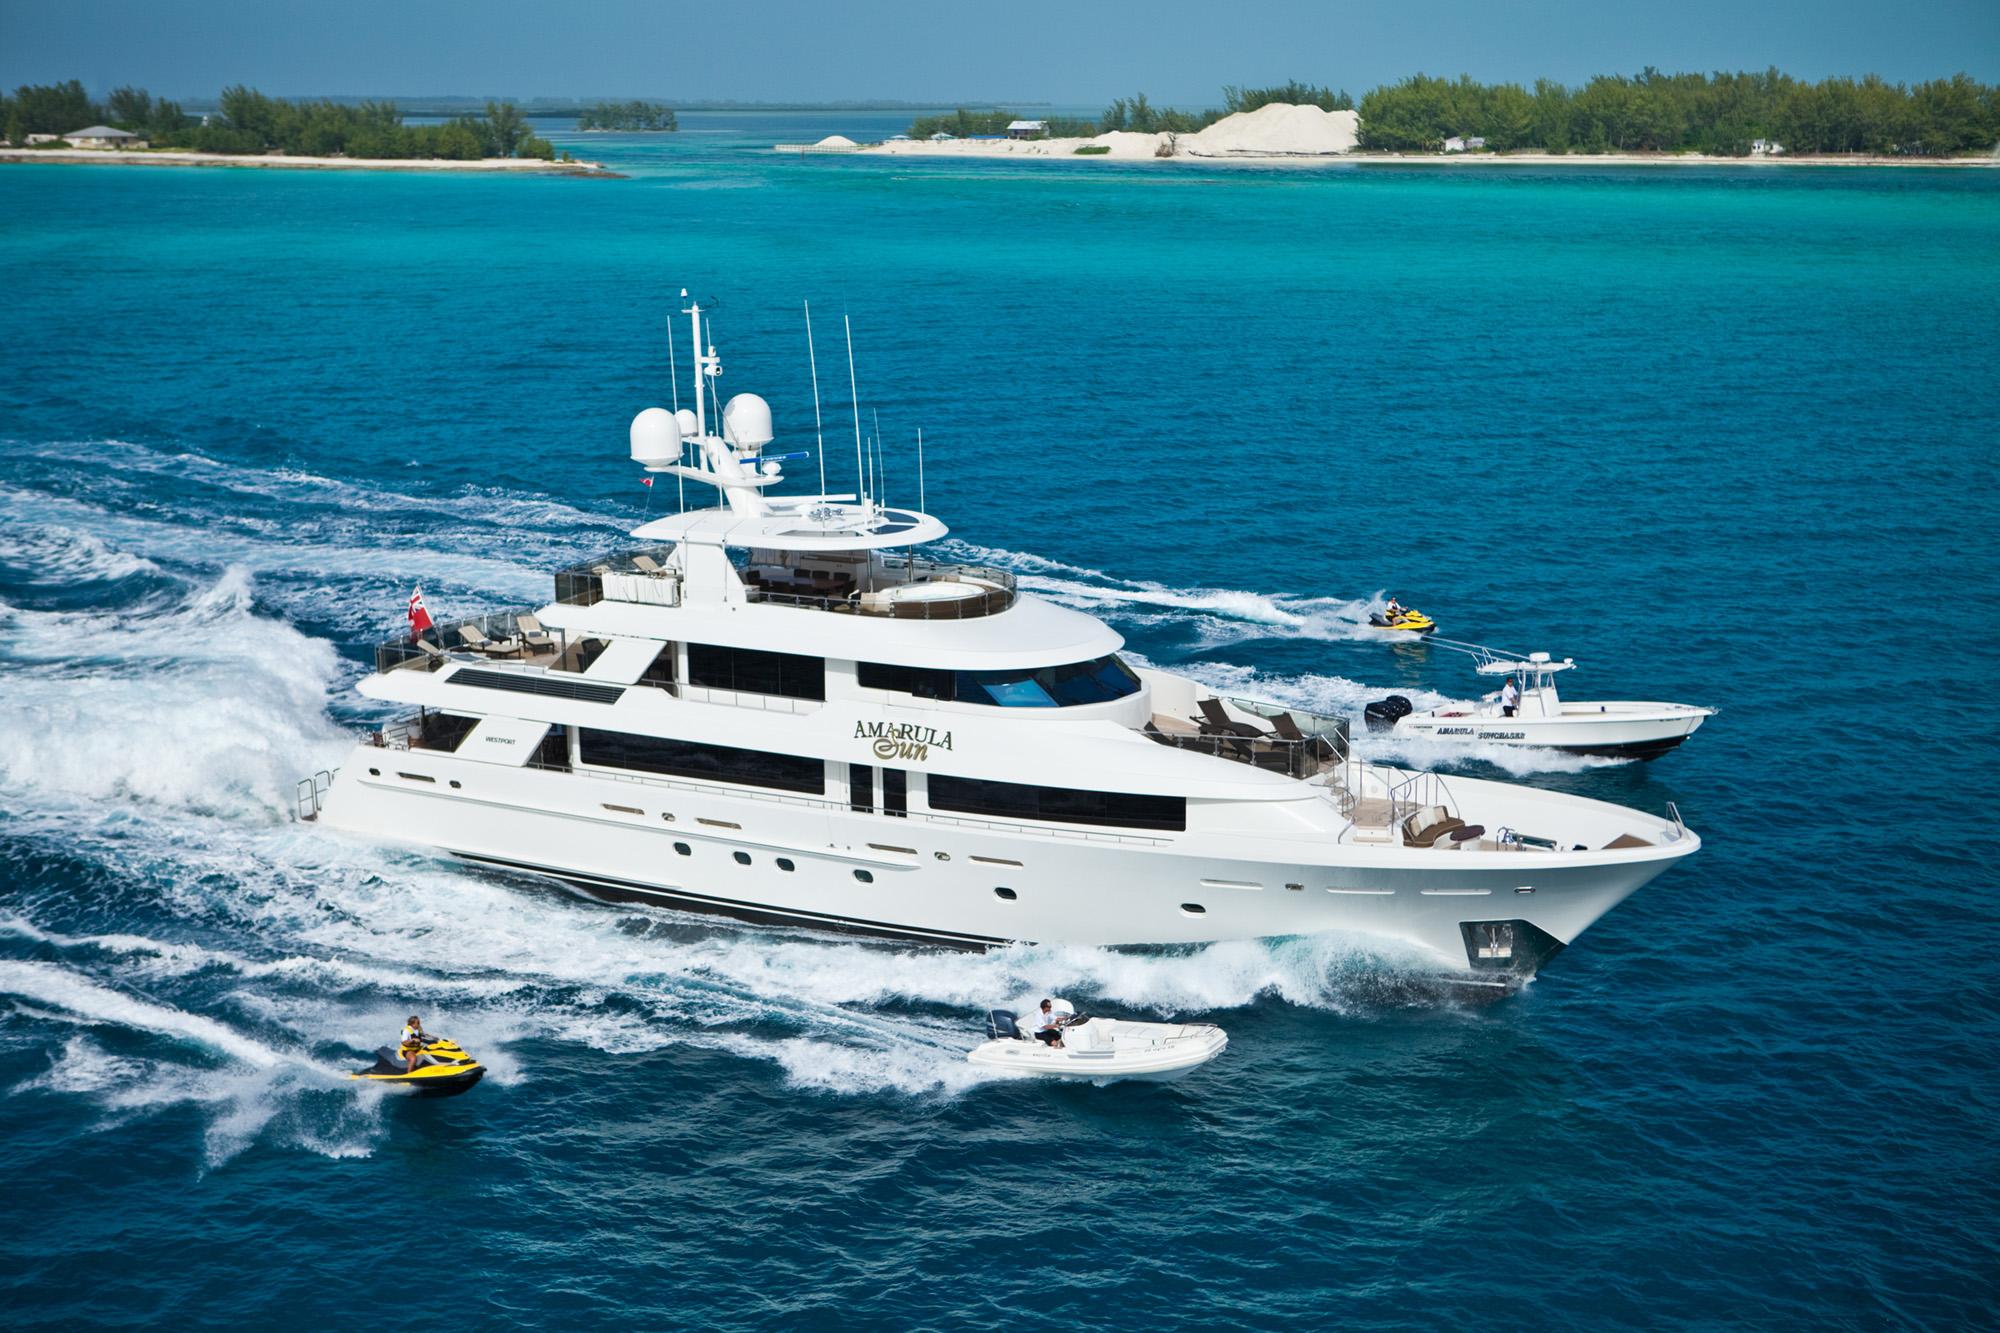 AMARULA SUN Yacht Charter Details Westport 40m